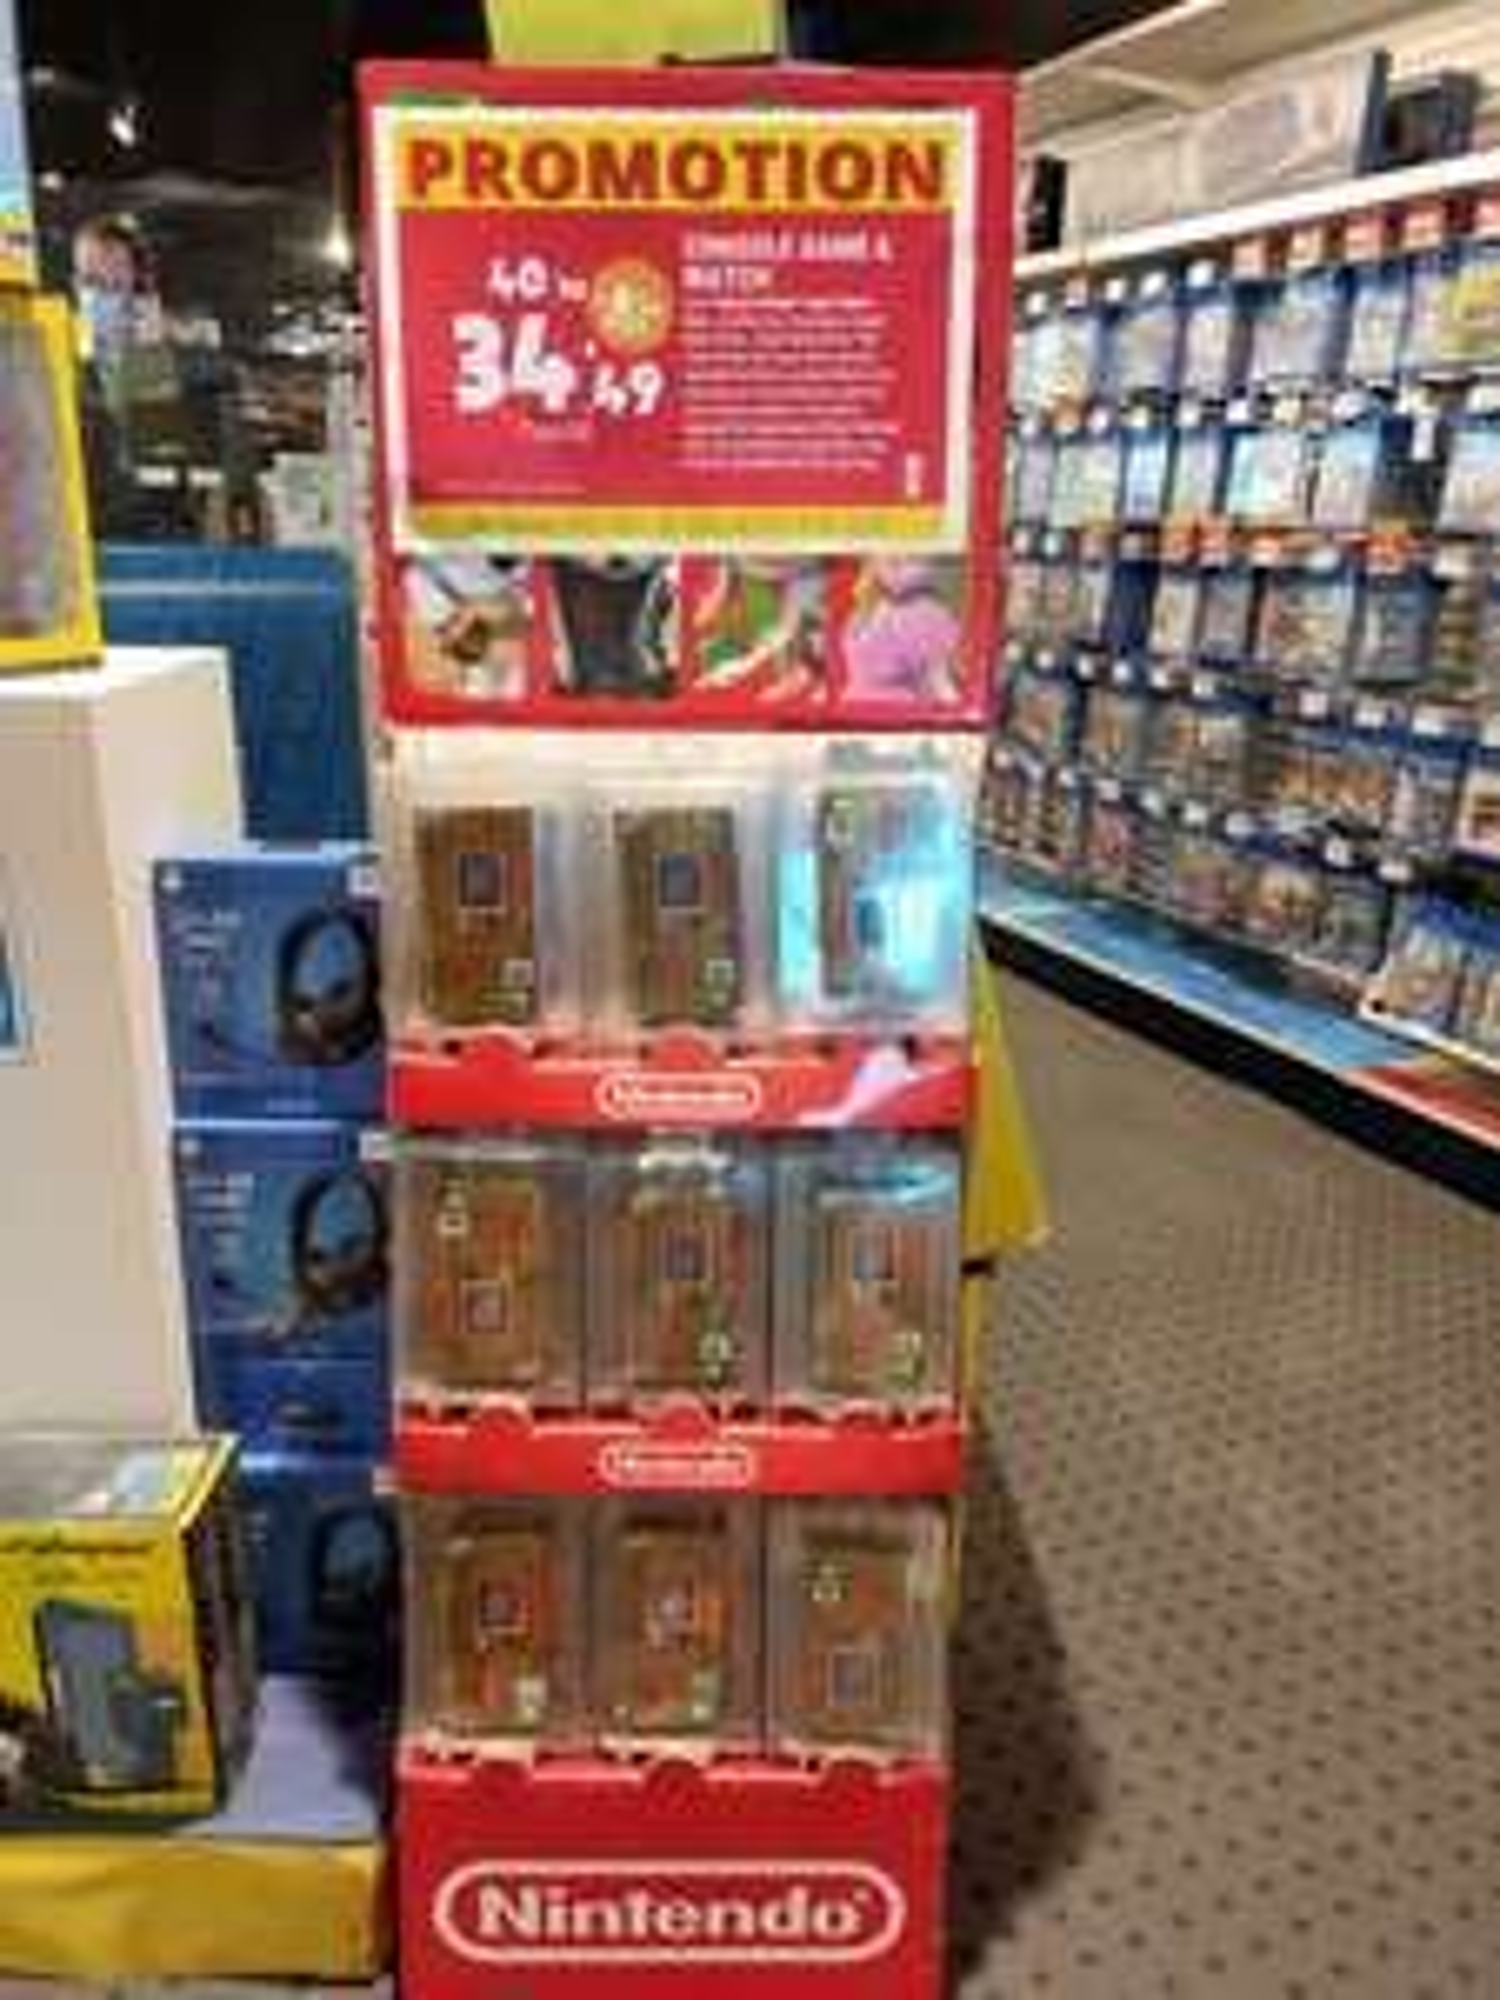 Console portable Nintendo Game & Watch Super Mario Bros. - La Roche-sur-Yon (85)